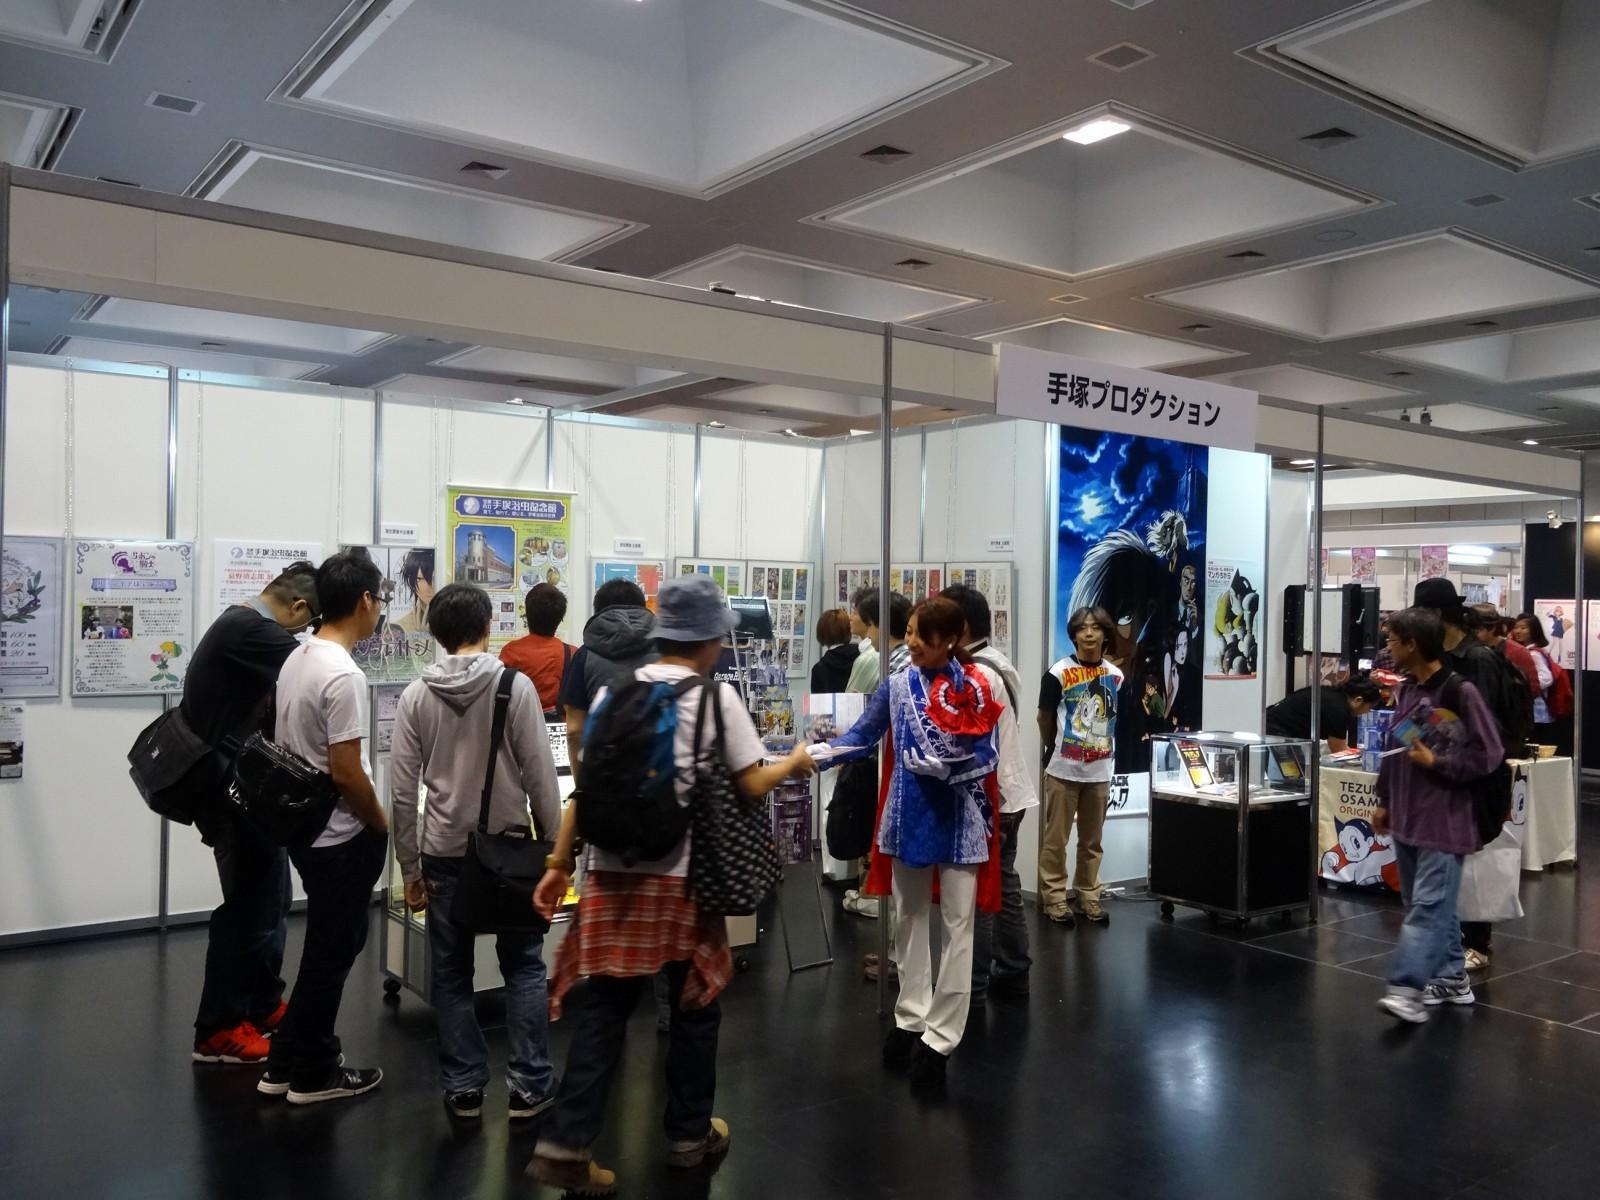 京都国際マンガ・アニメフェア2014&あいたい兵庫キャンペーン2014_a0218340_22073056.jpg